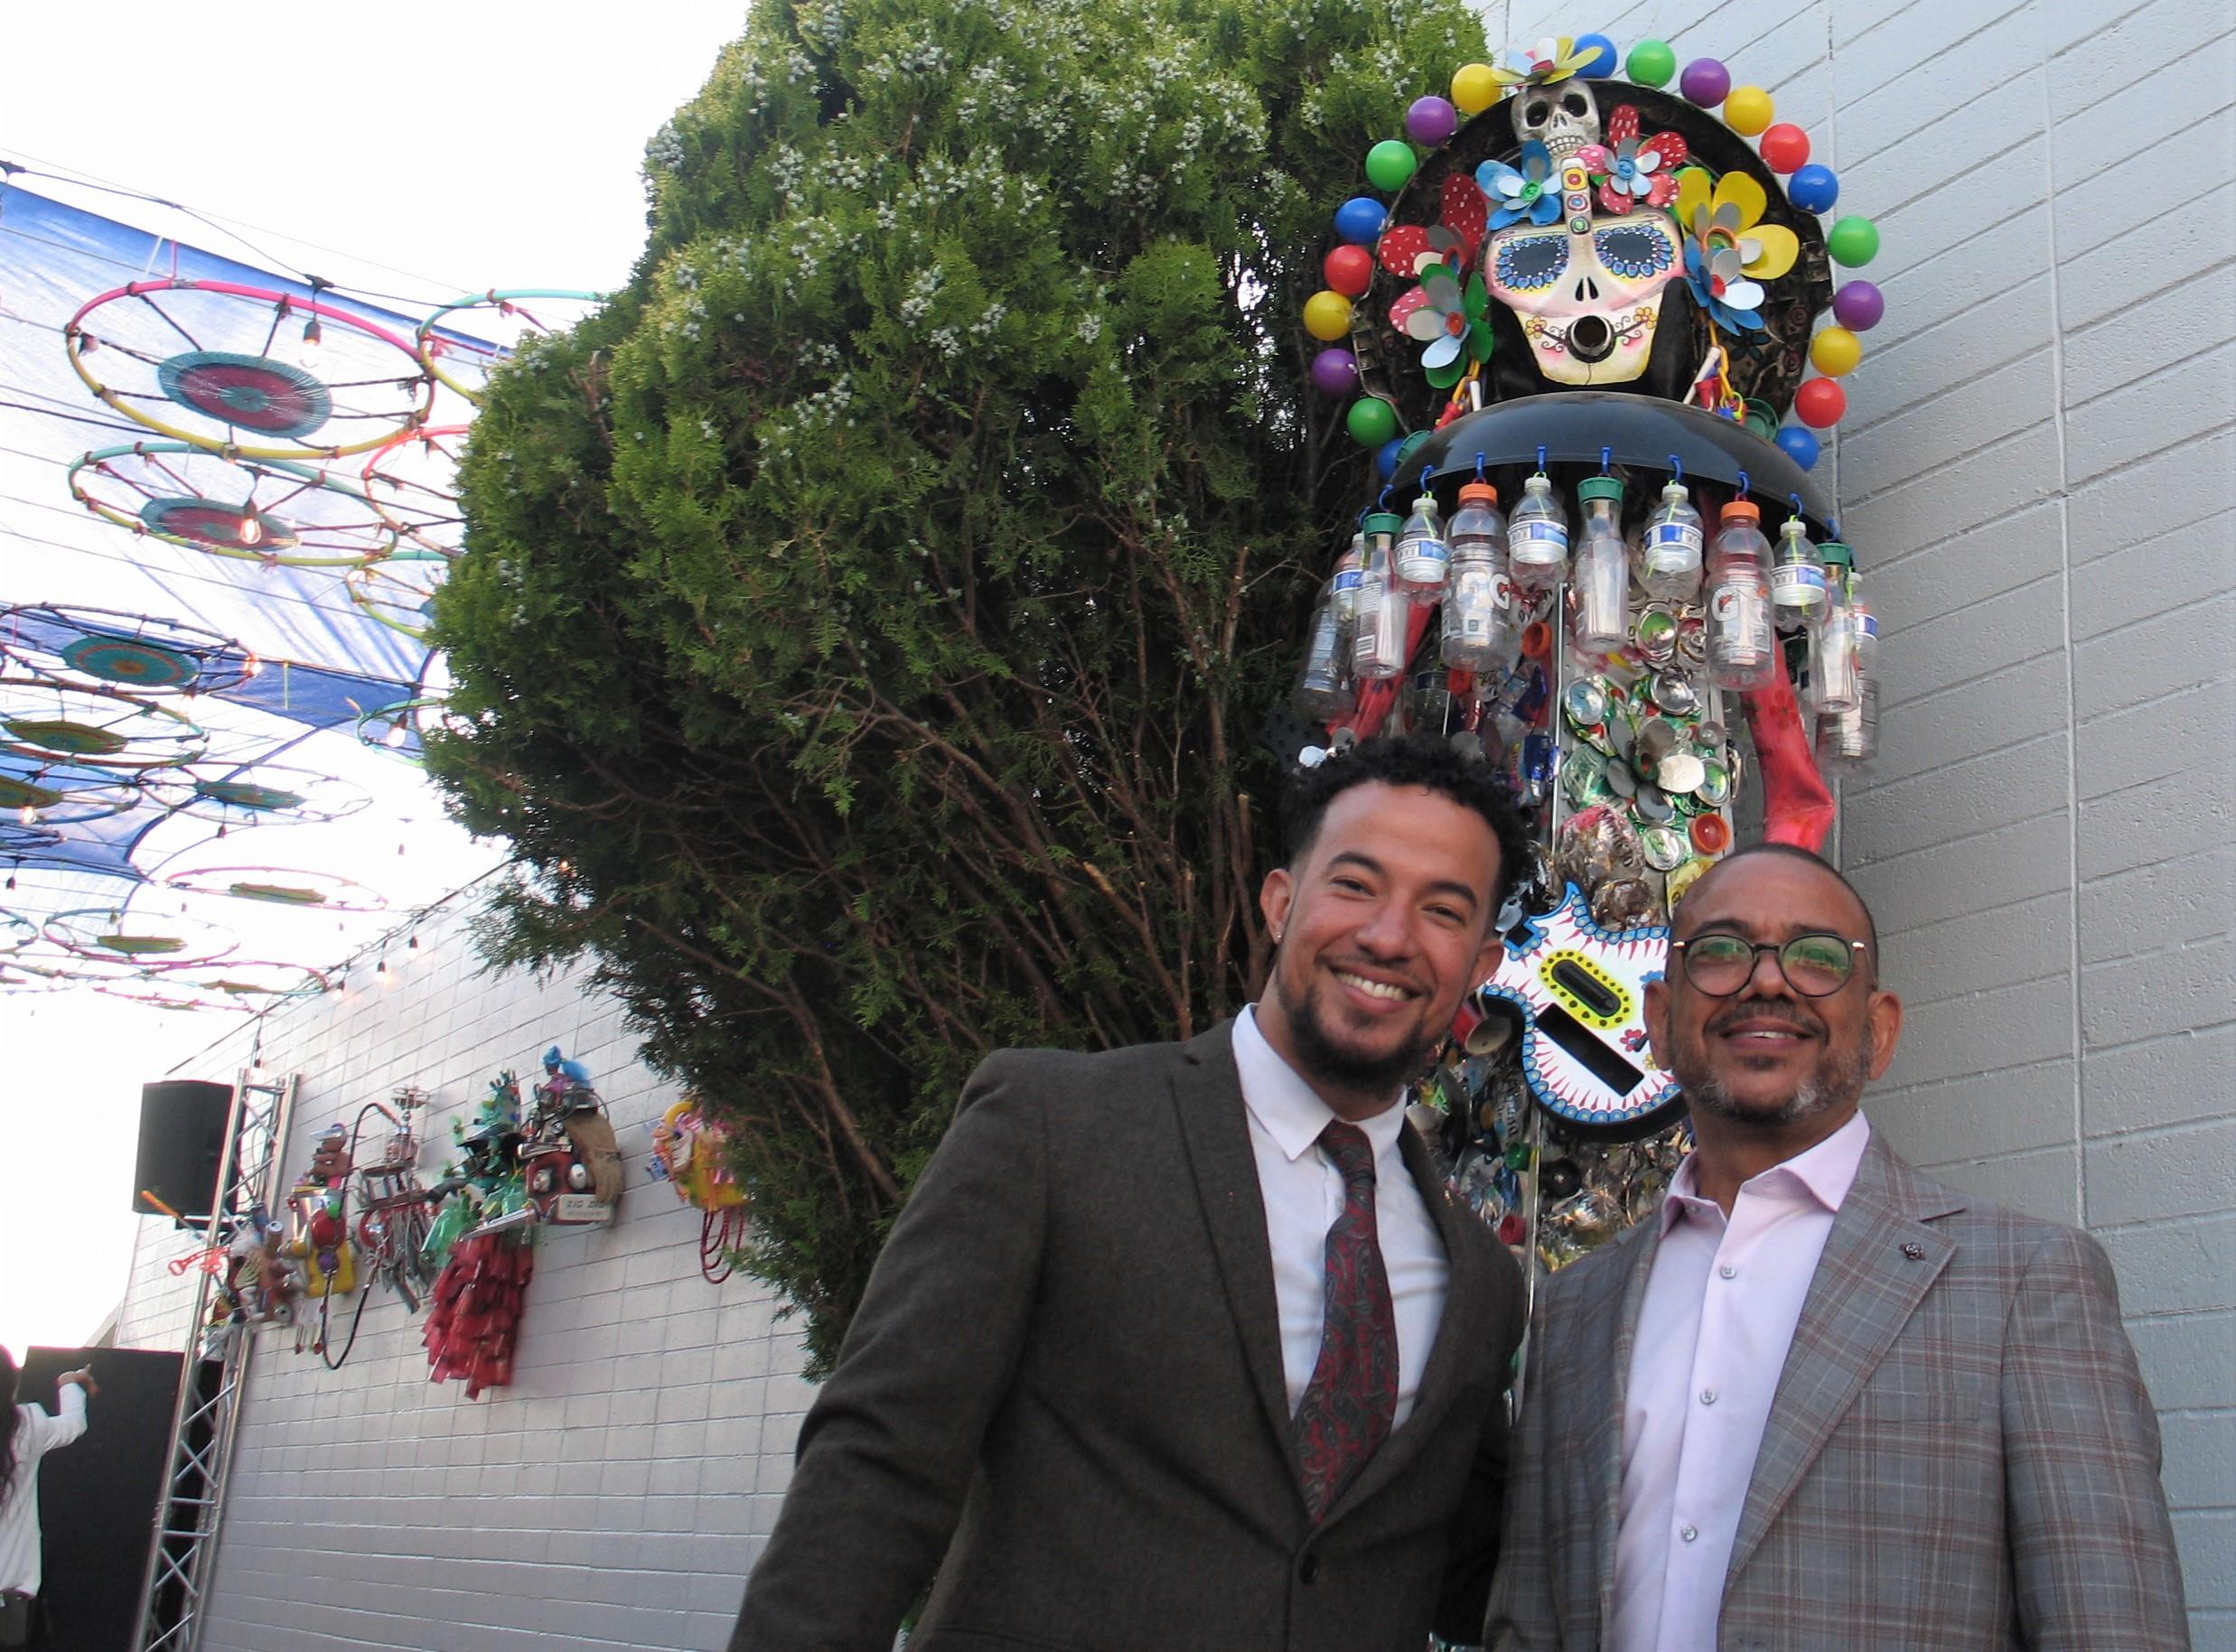 Dos hombres posando con una escultura de reciclaje